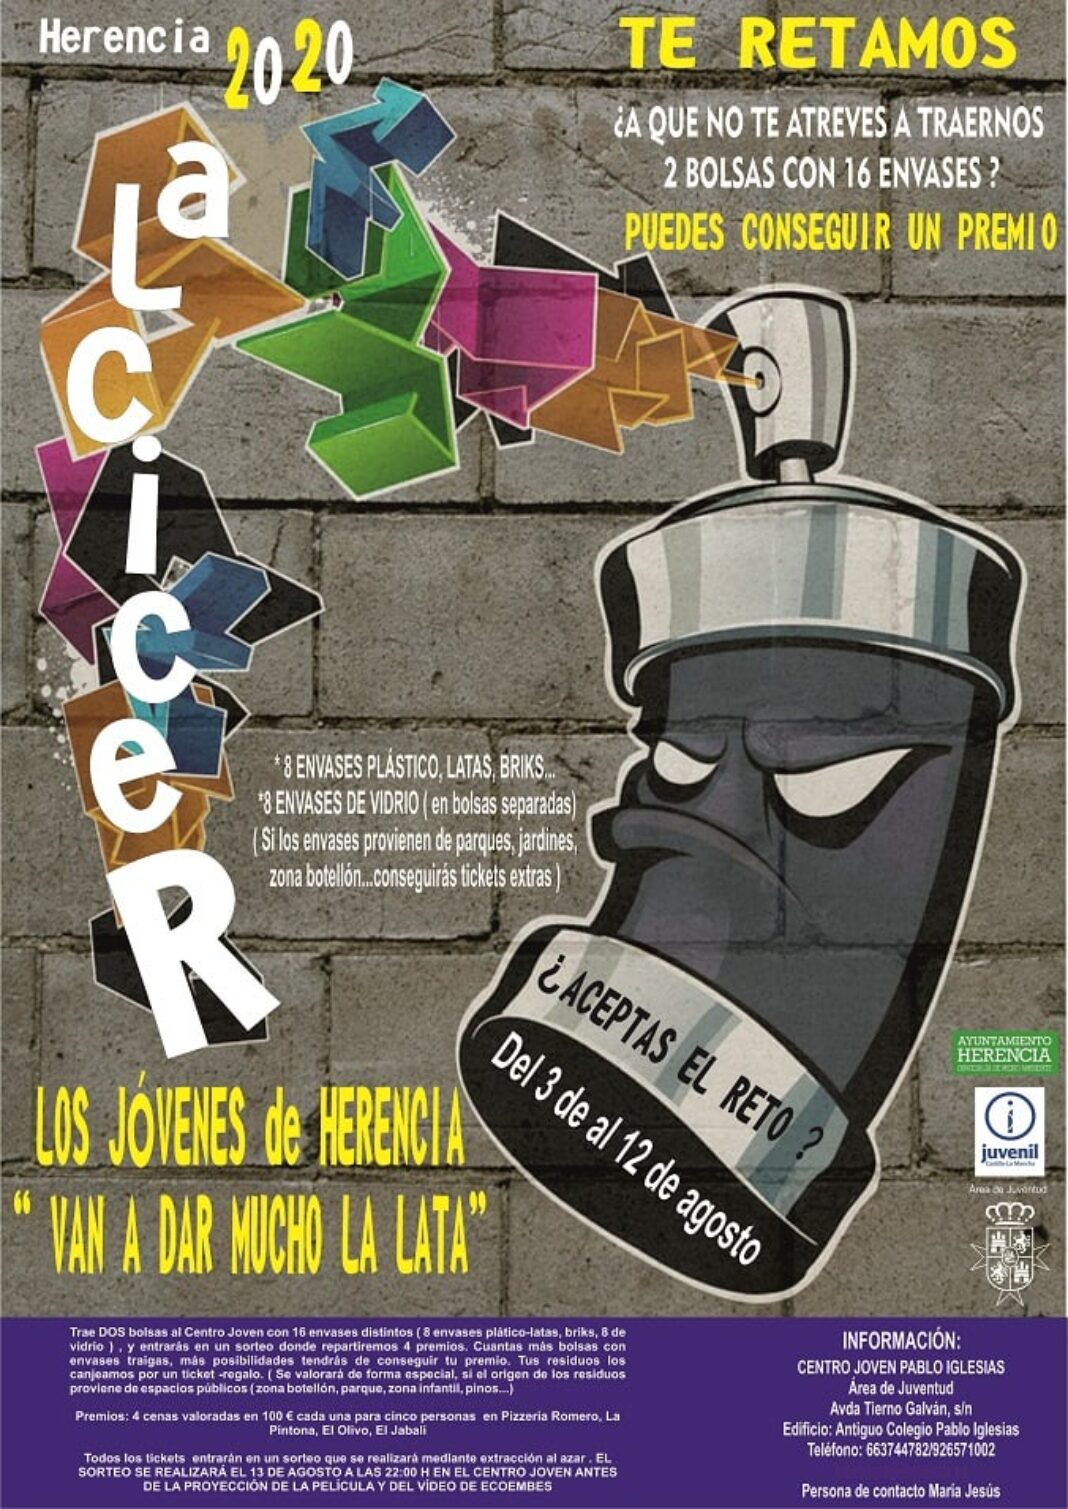 vas dar lata reciclaje jovenes 1068x1509 - Campaña para concienciar en reciclaje a los jóvenes de Herencia: «van a dar mucho la lata»